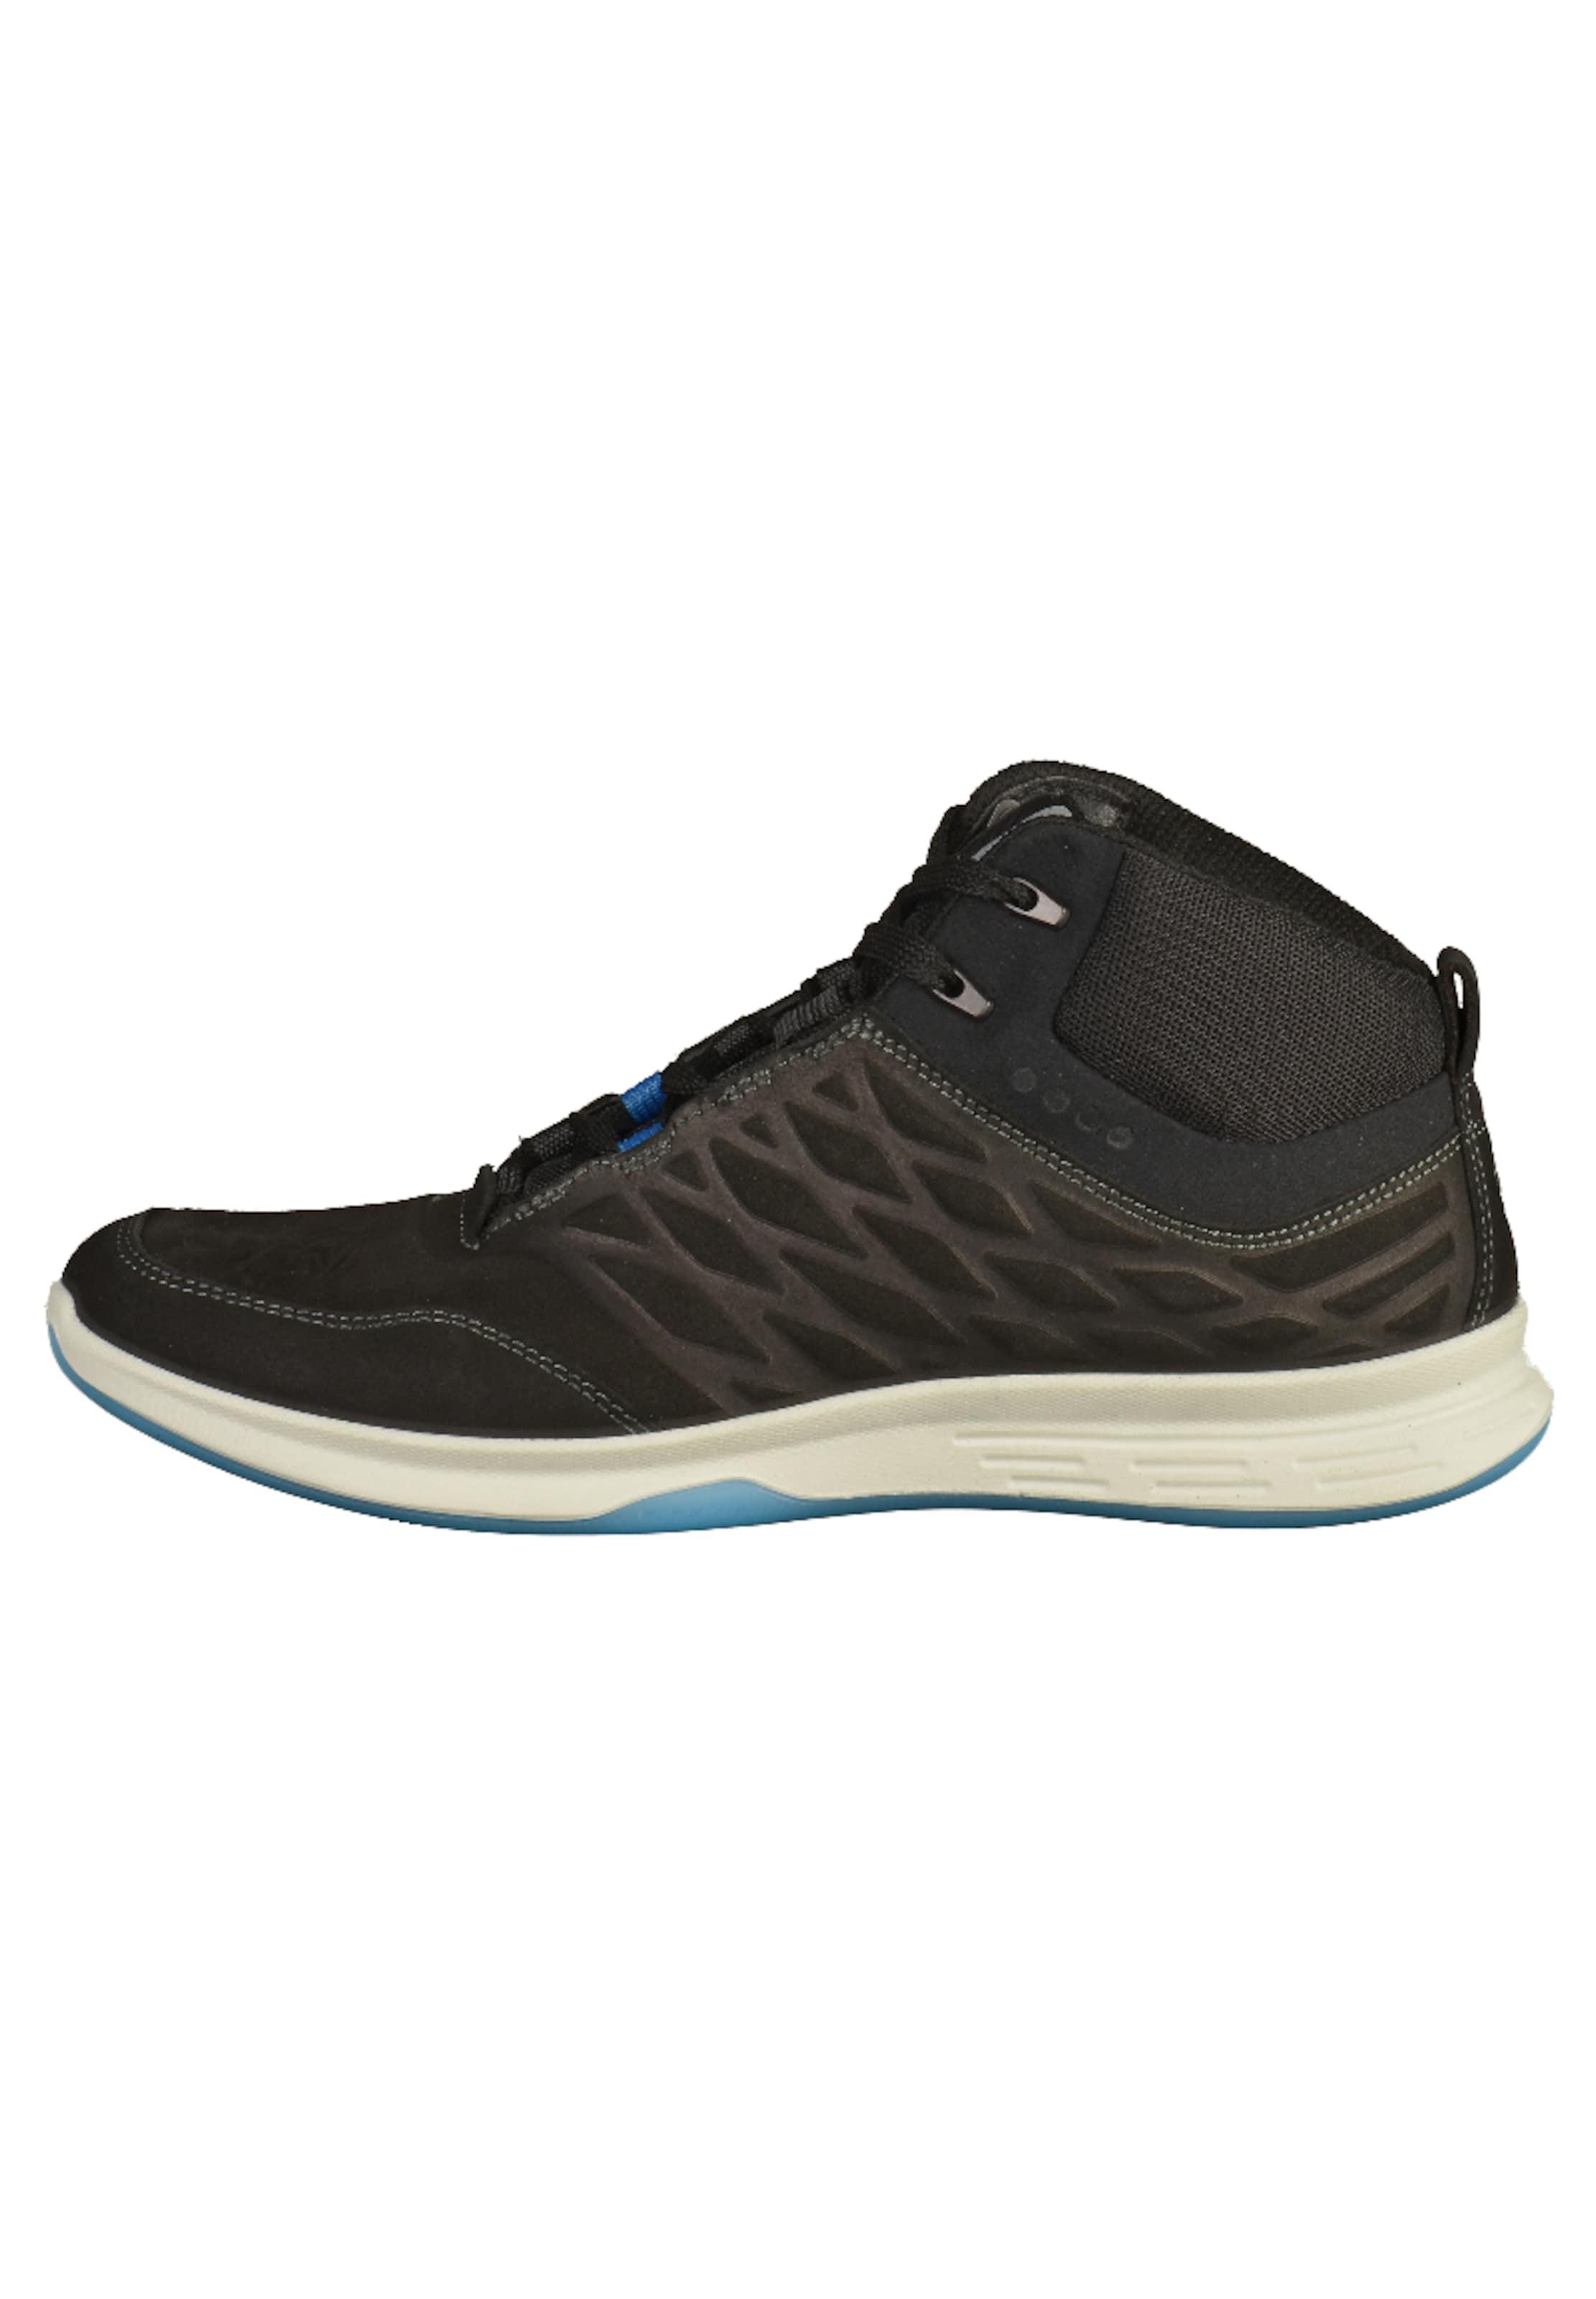 Verkauf 100% Original ECCO Sneaker Günstig Kaufen Neueste Kostengünstig Günstig Kaufen Manchester Großen Verkauf Verkauf Echten 4RfEOZ0